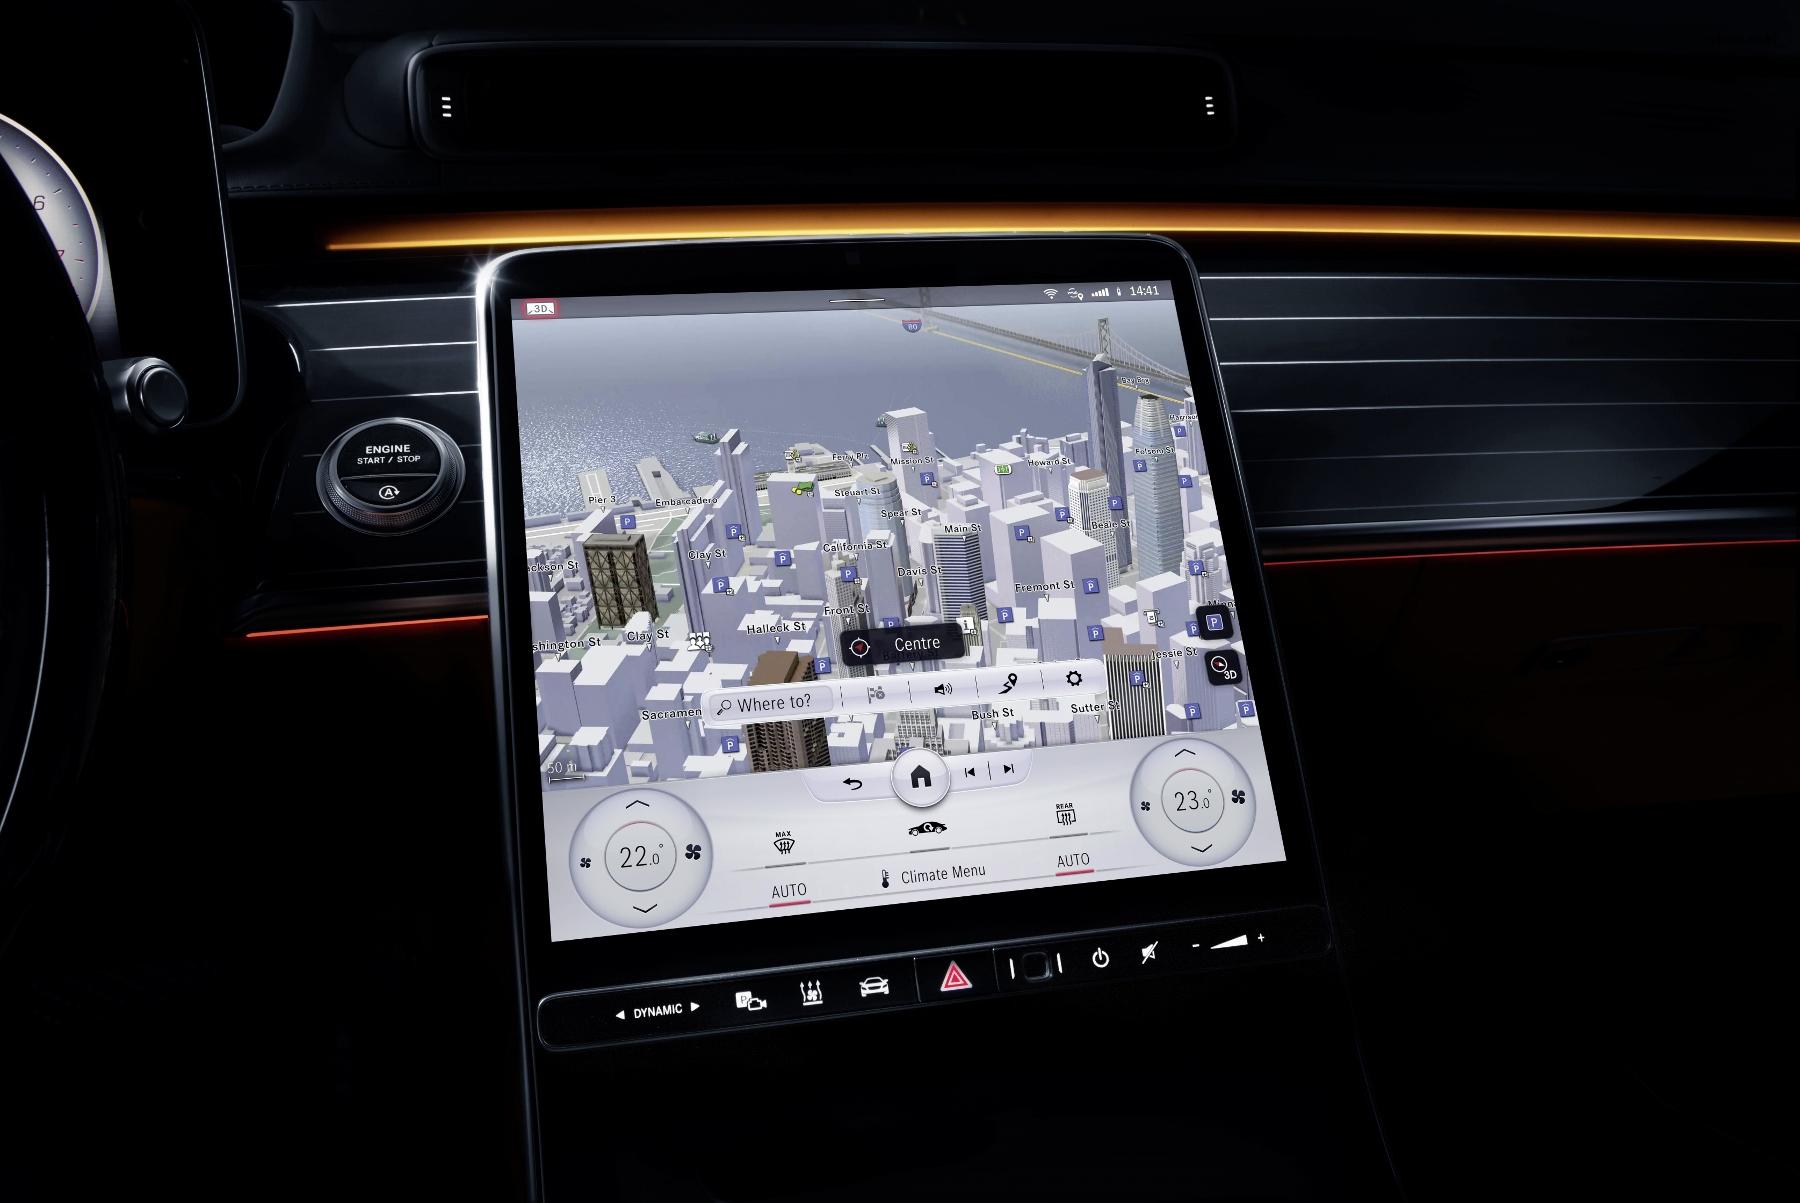 Mercedes triedy S dostane 3D displej a množstvo nových technológií x2wISG3vjQ mercedes-s-3